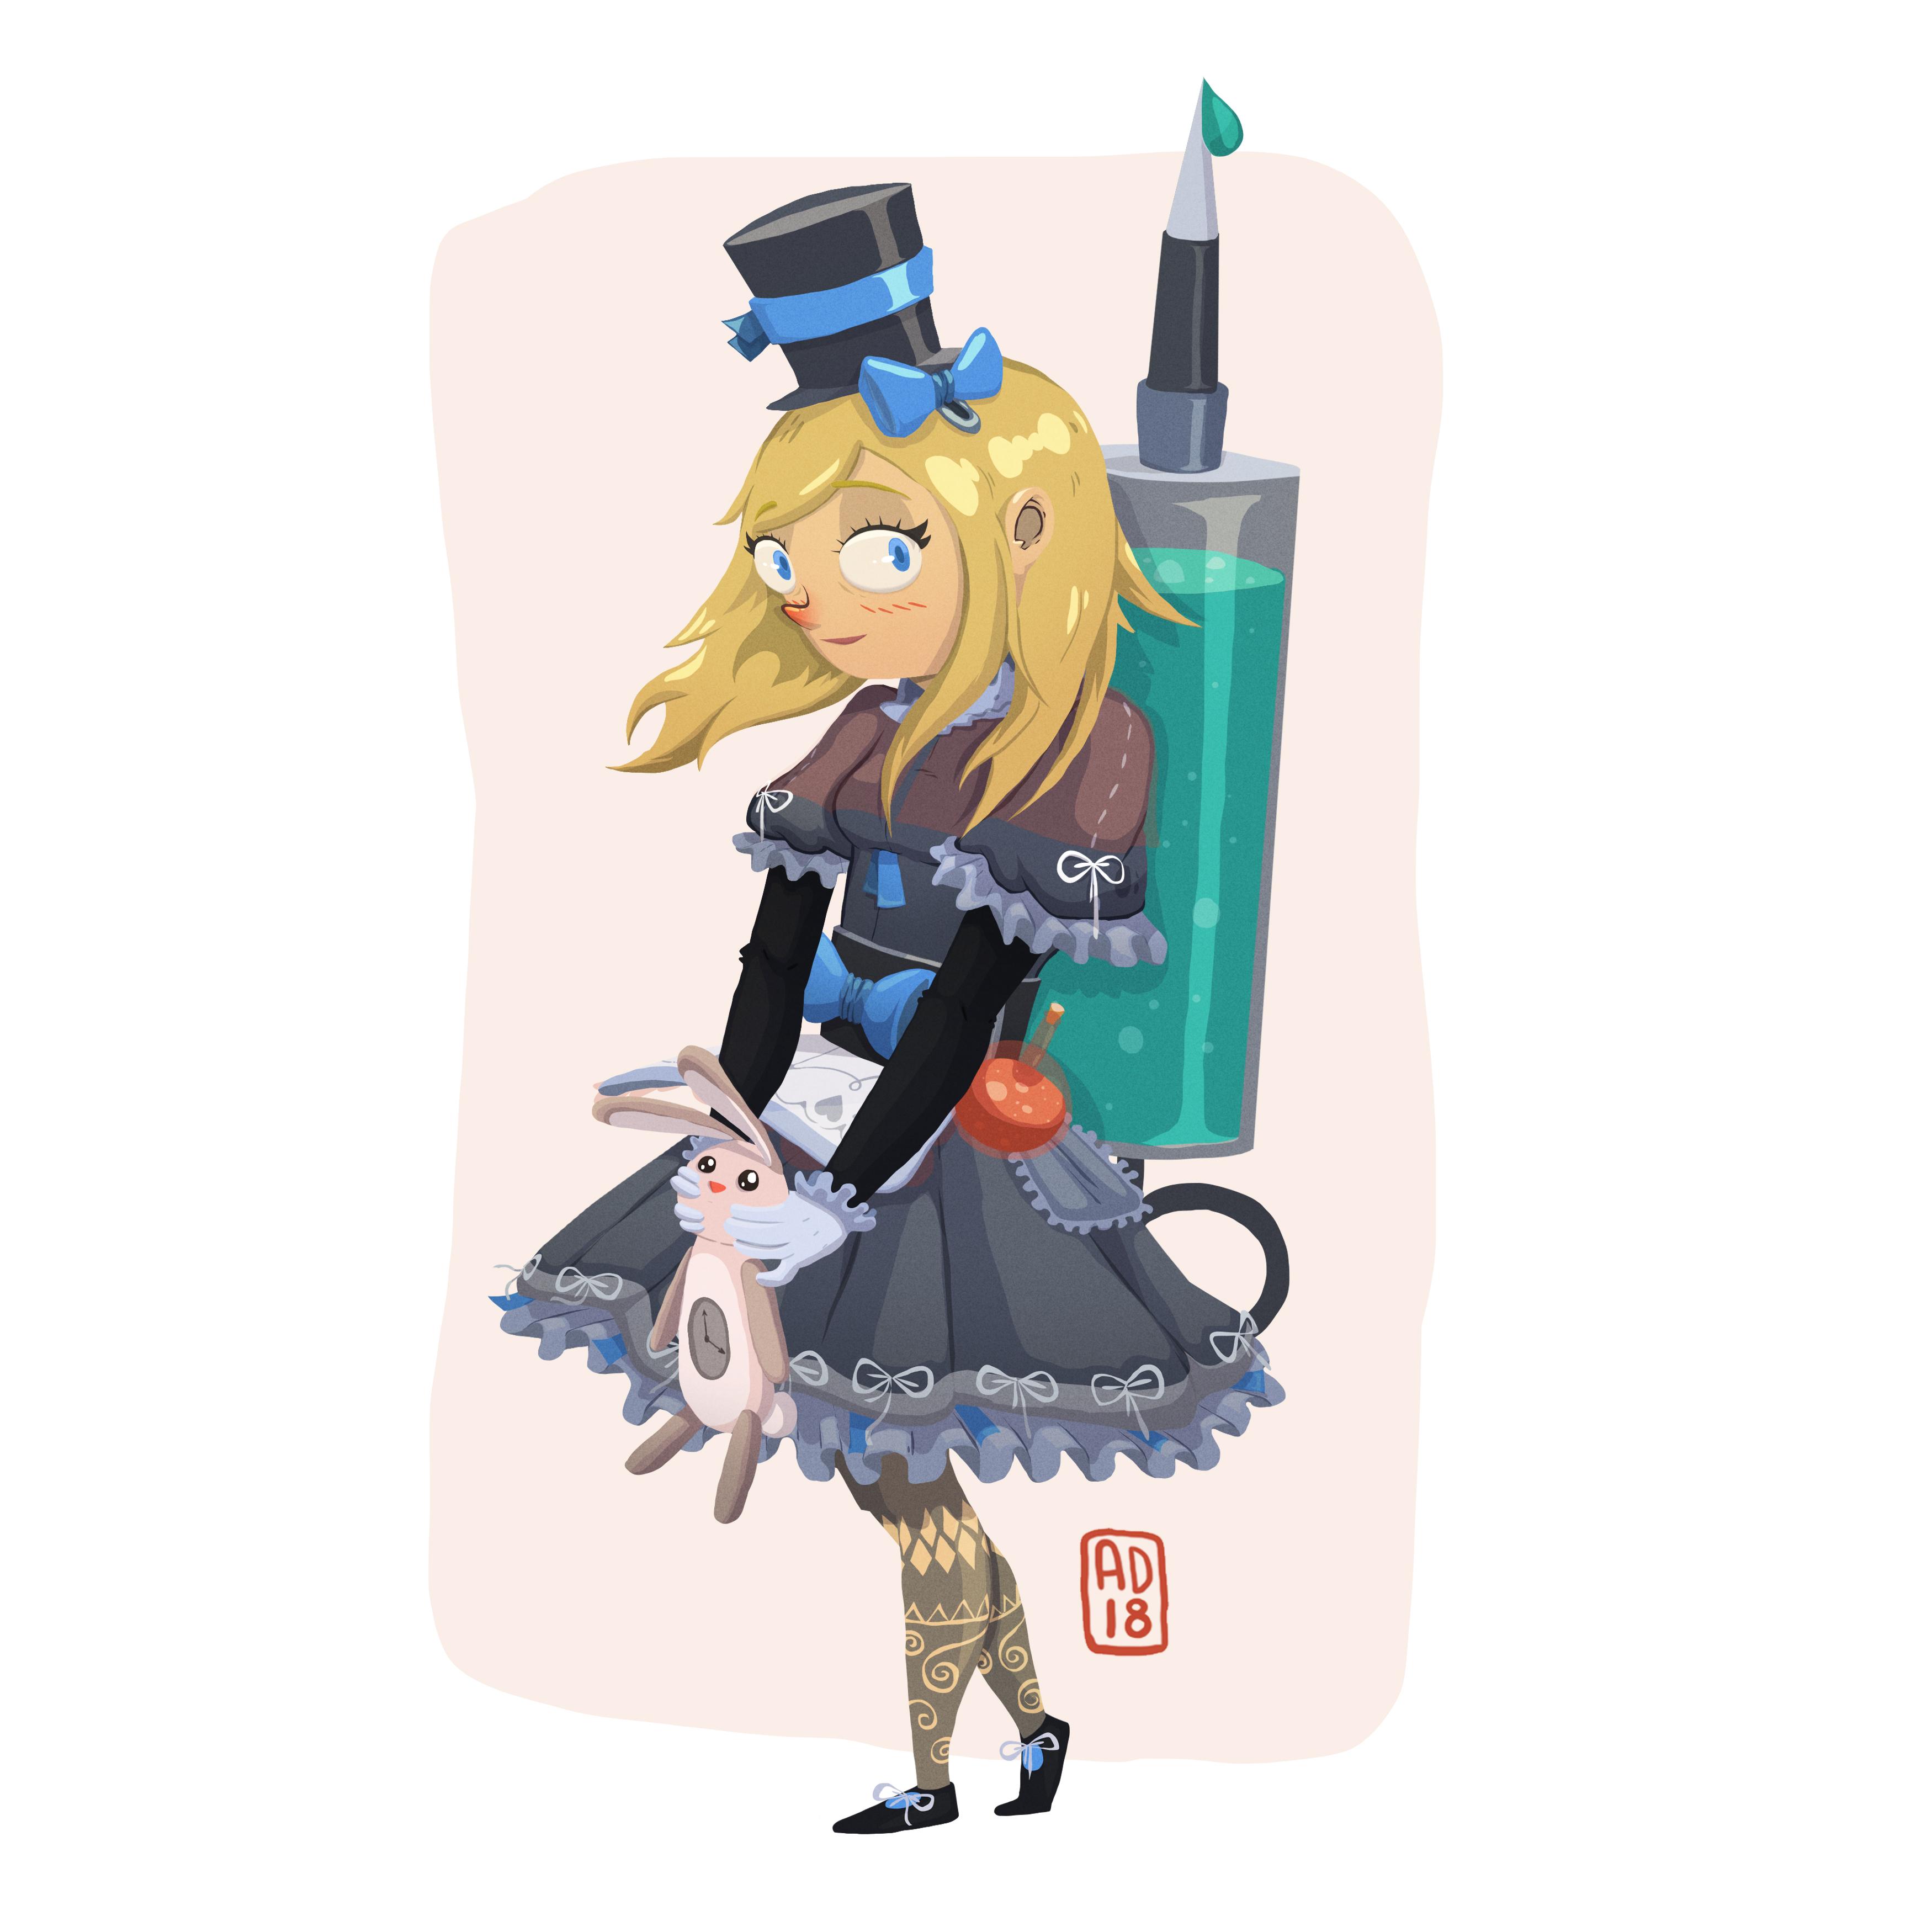 Gothic Alice in Wonderland